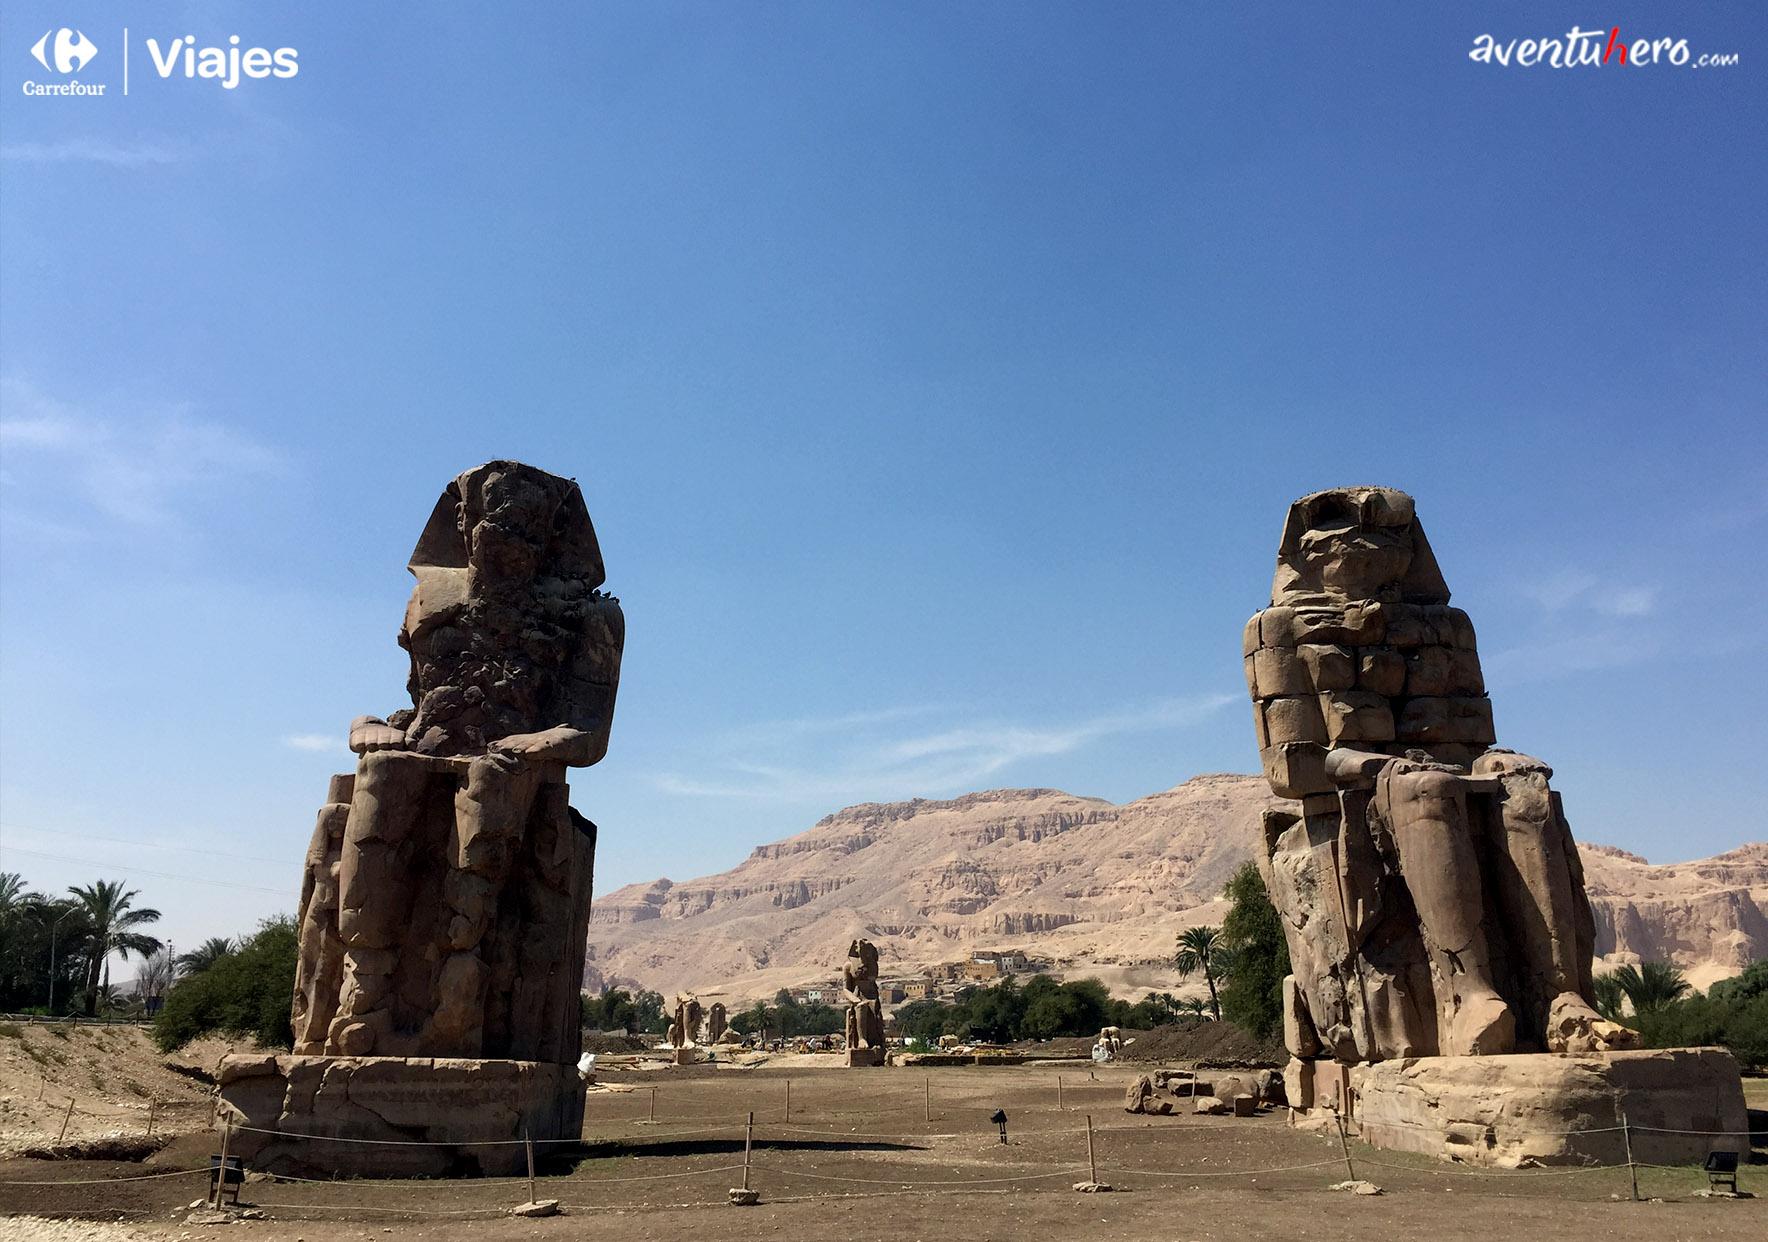 Aventuhero - Colosos de Memnon